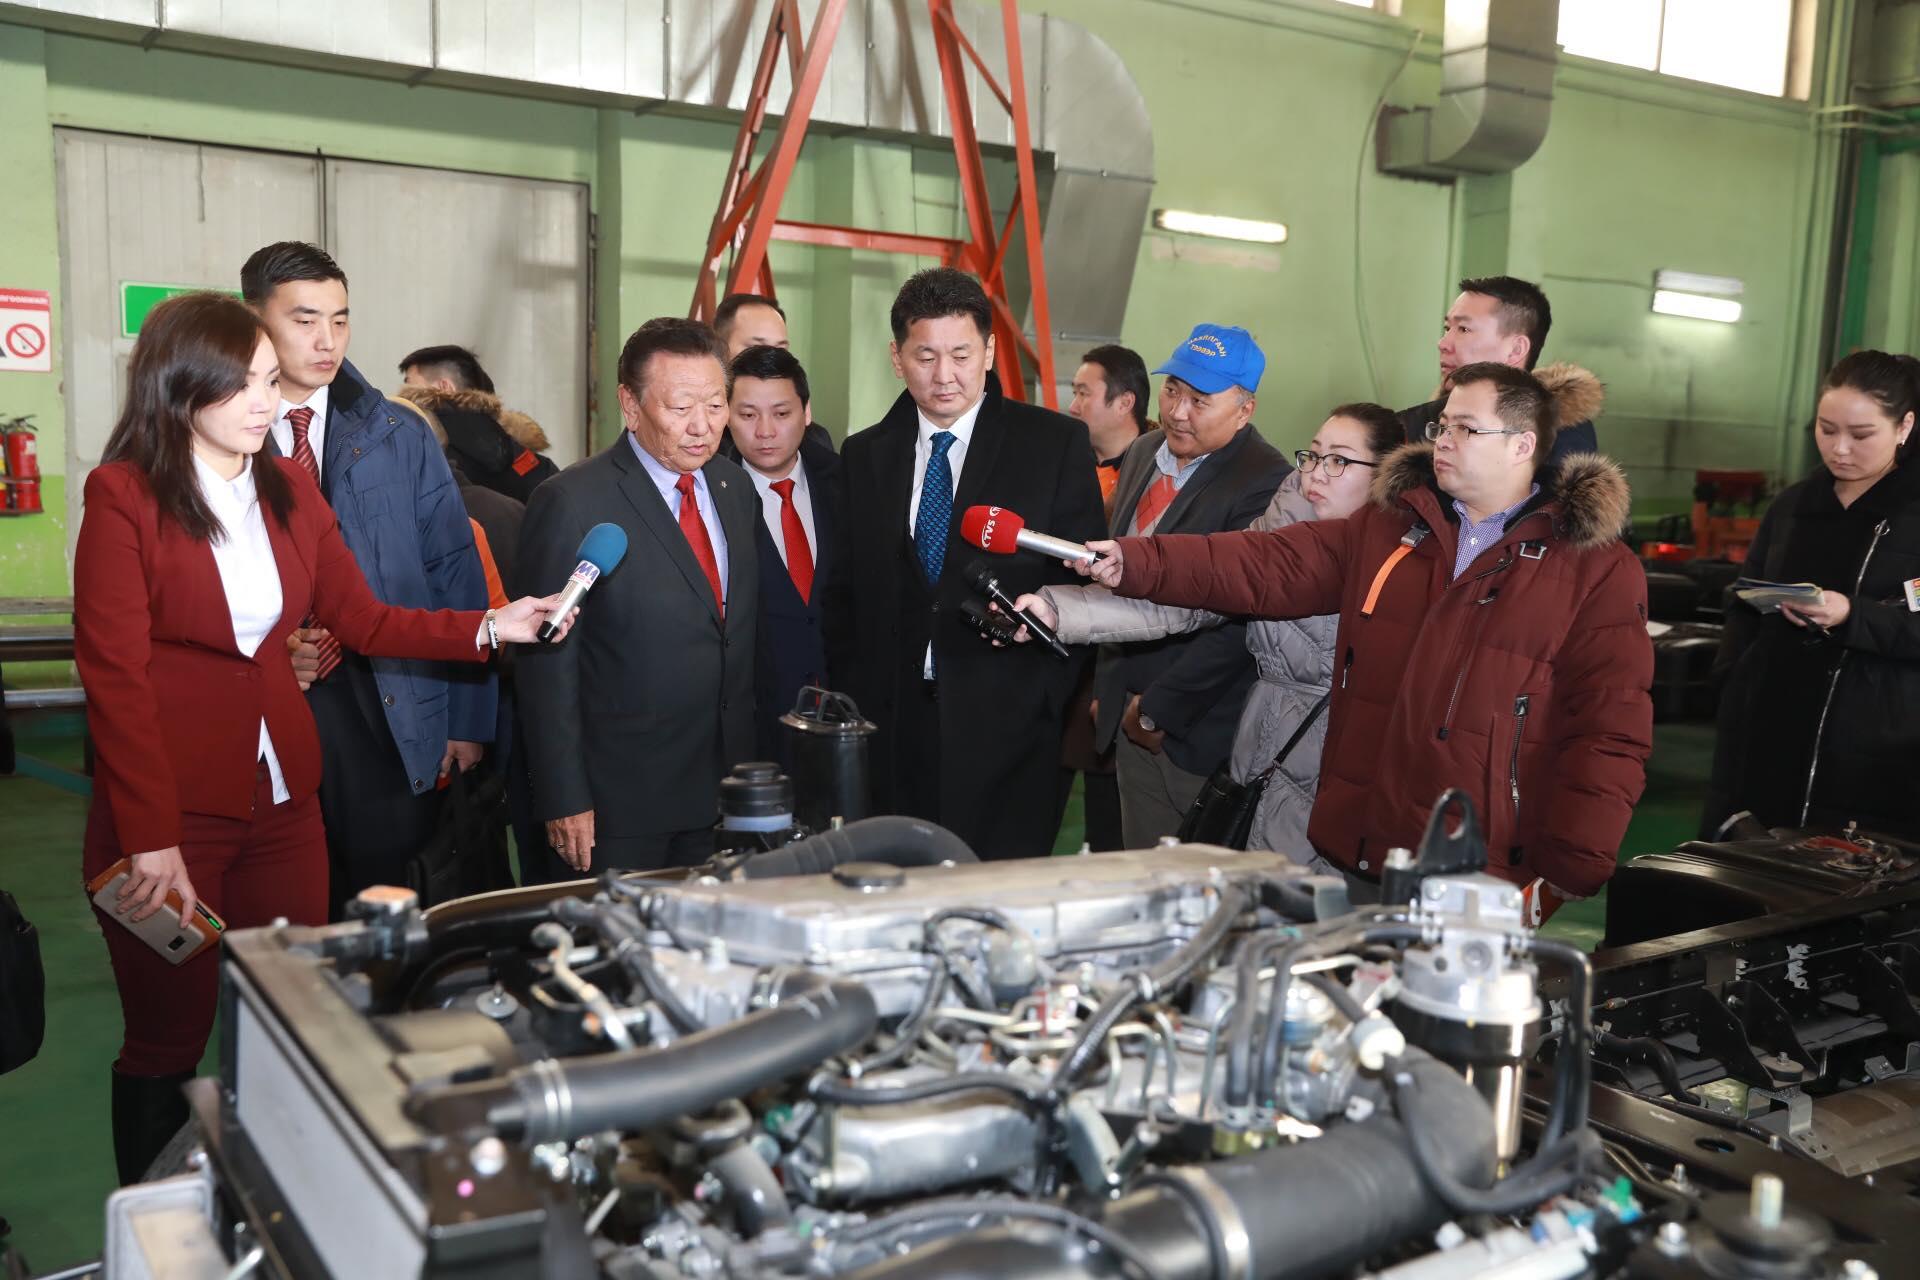 Ерөнхий сайд үндэсний үйлдвэрлэлээ дэмжсэн худалдан авалт хийхийг уриалав